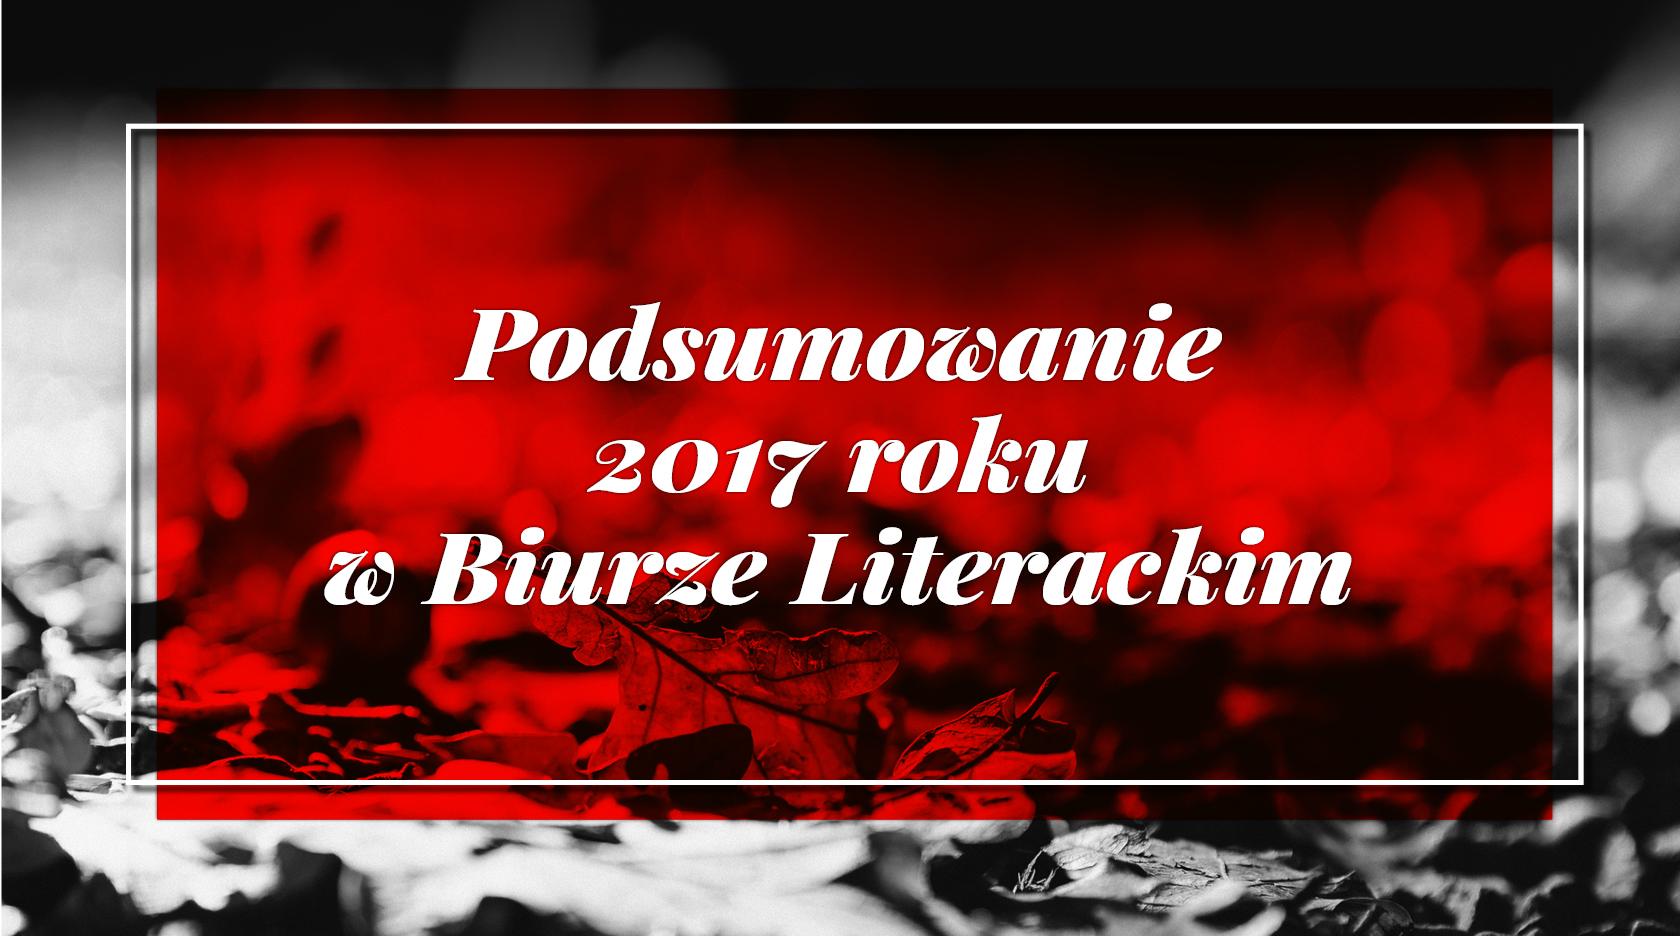 BL Img 2017.12.12 Podsumowanie 2017 roku w Biurze Literackim_www